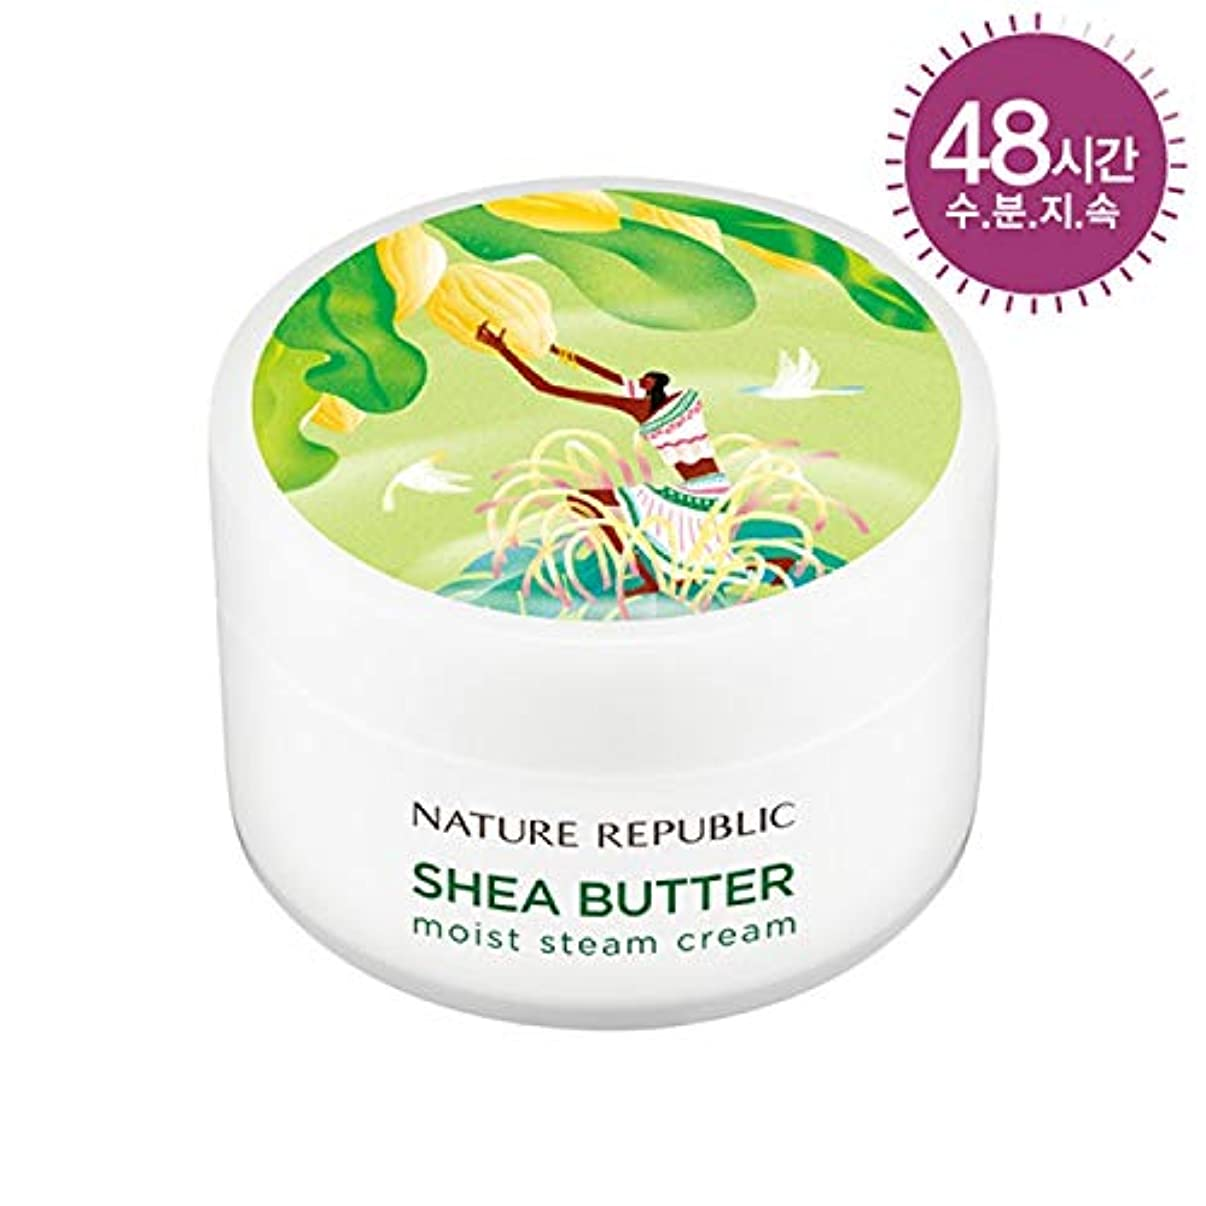 ダイエット治すグローネイチャーリパブリック(Nature Republic)シェアバタースチームクリームモイスト[中乾燥肌] 100ml / Shea Butter Steam Cream 100ml (Moist) :: 韓国コスメ [並行輸入品]